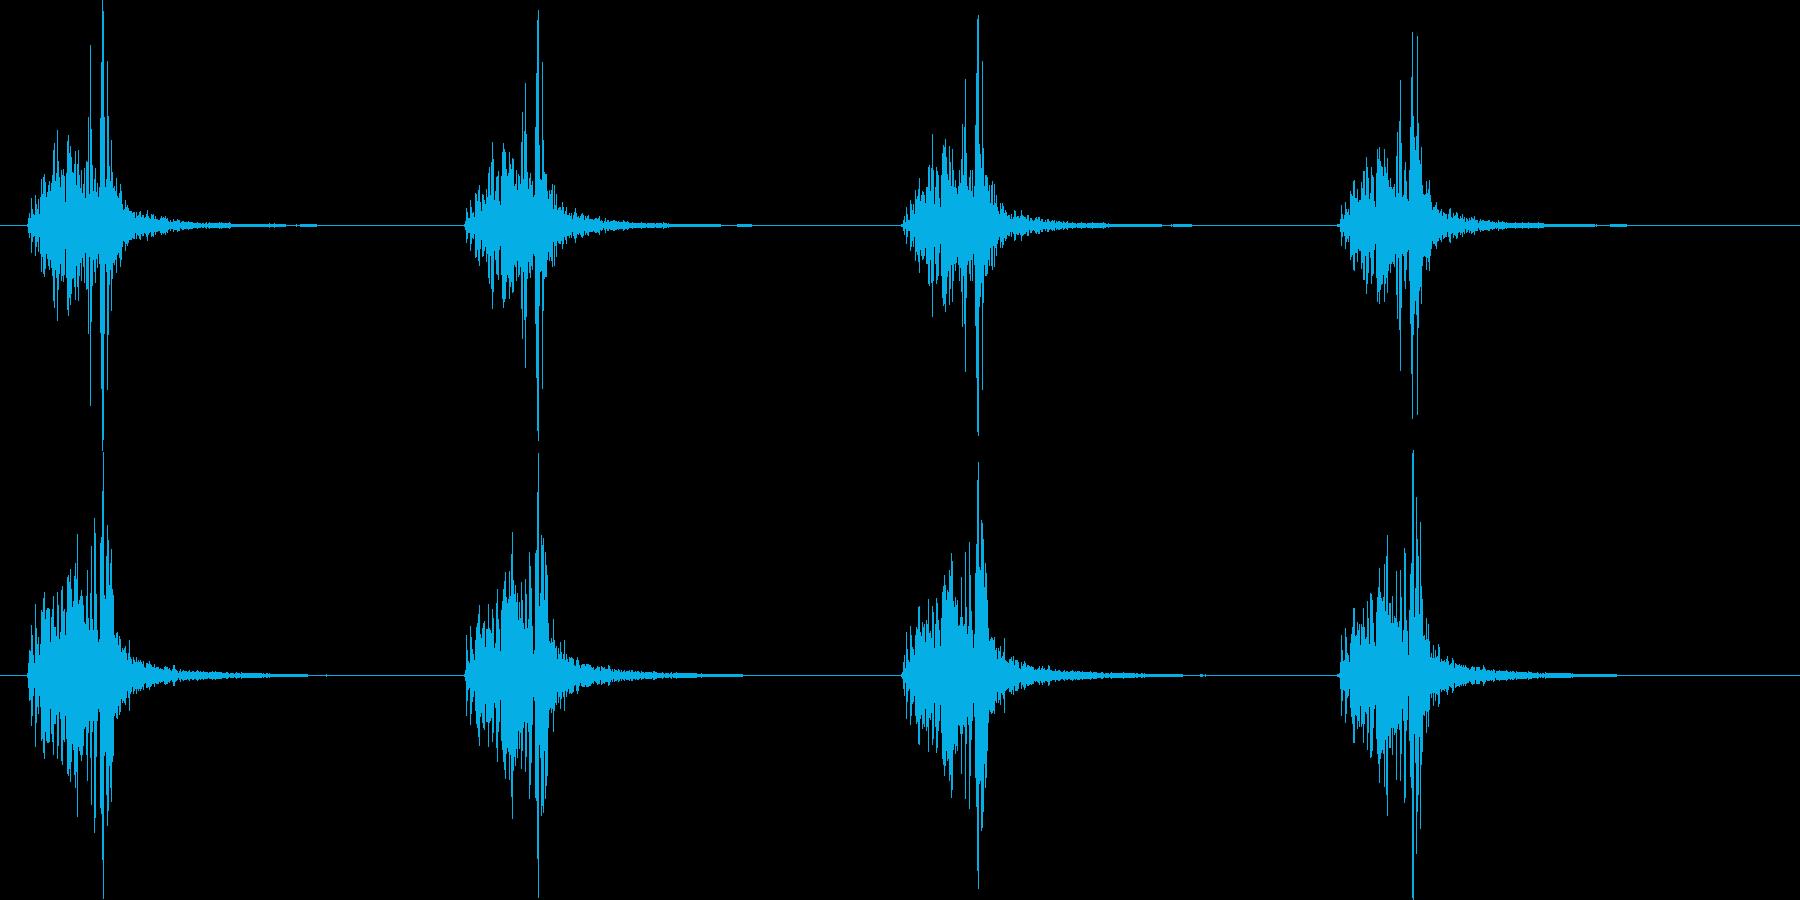 【手拍子】チャっチャっ(4分打ち)の再生済みの波形